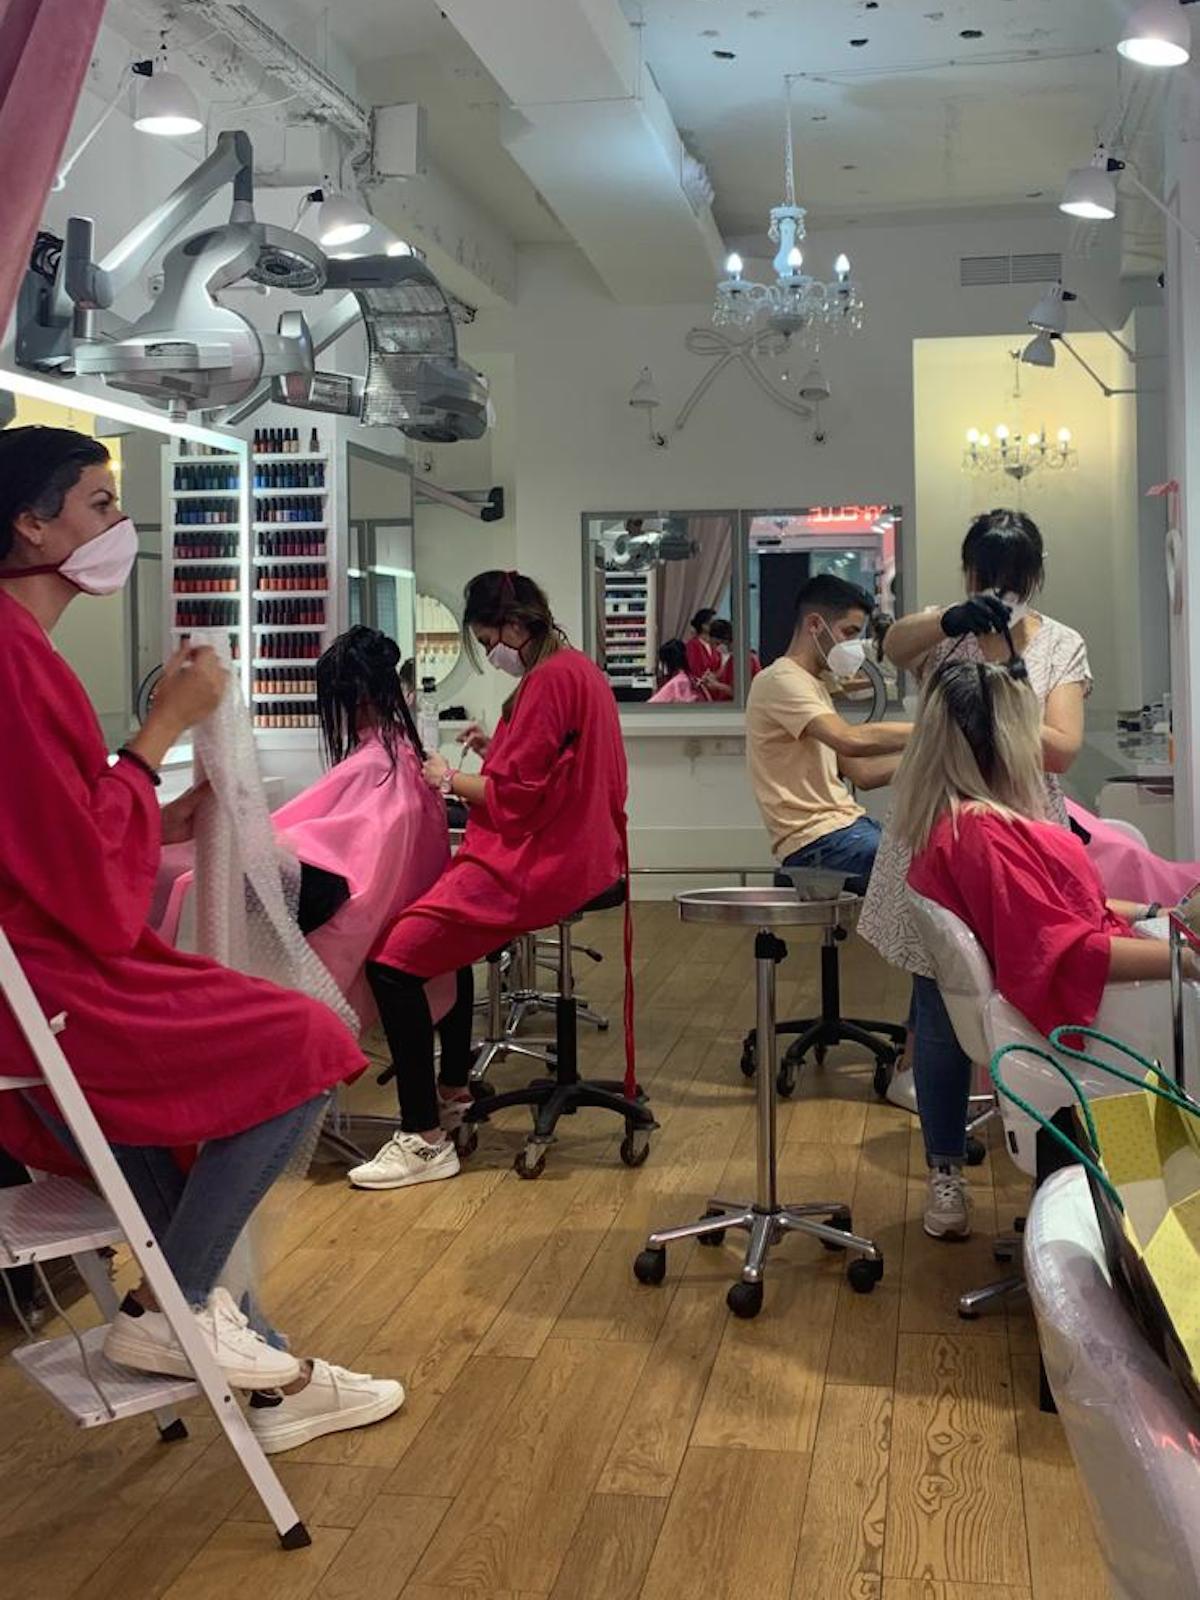 apertura peluquerias y covid 19 eva pellejero